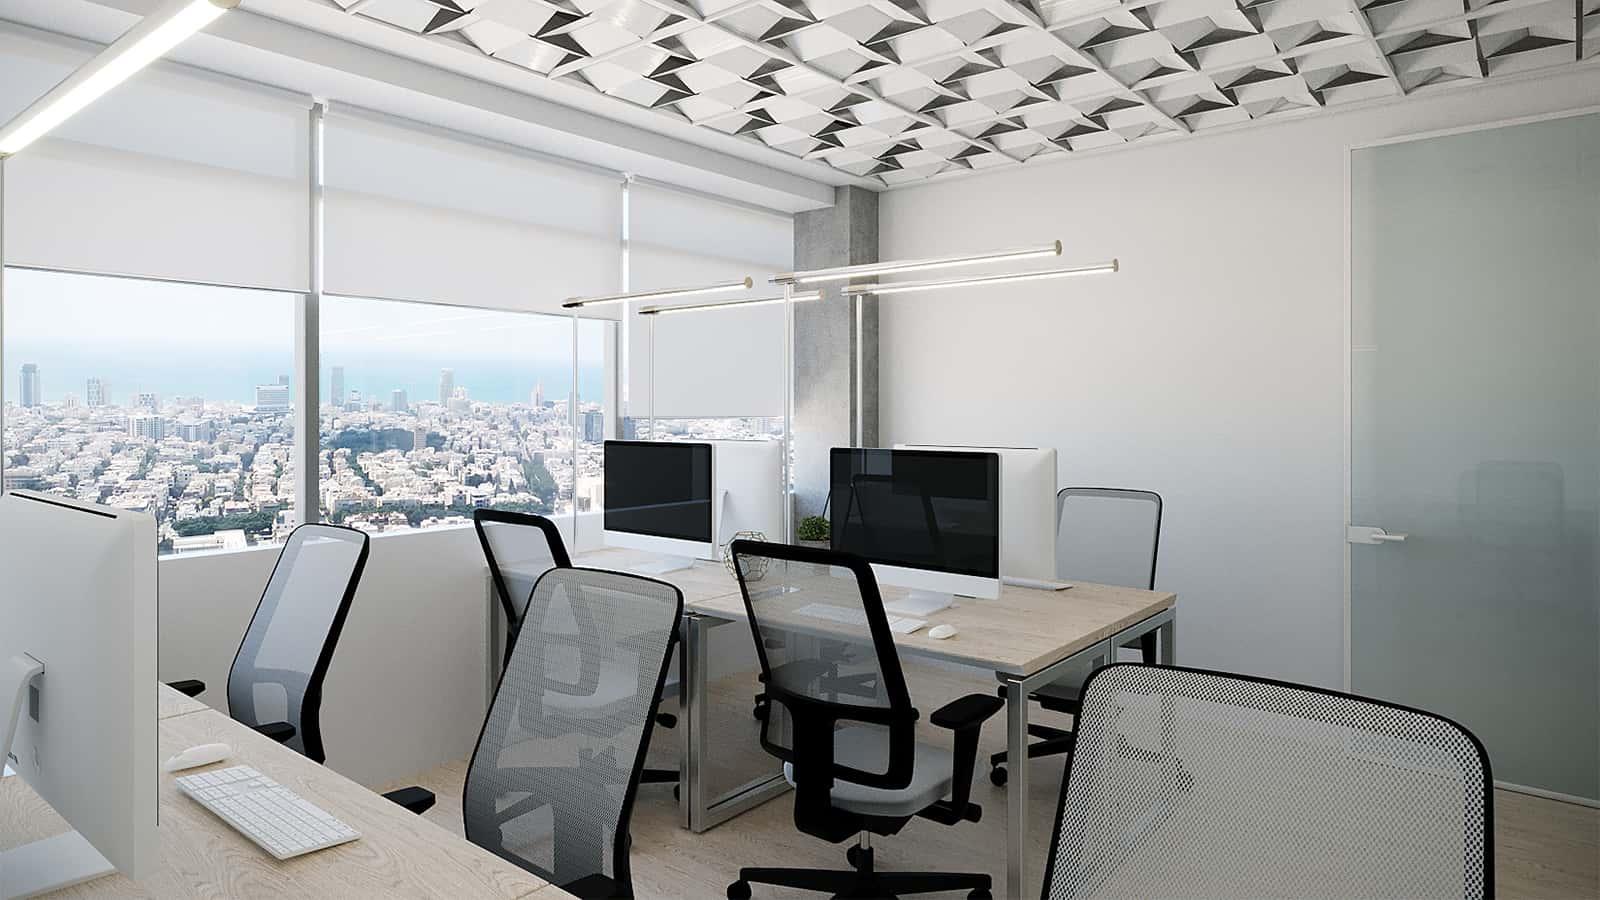 השכרת משרדים: 5 טיפים להשכרת משרדים בתנאים שלכם